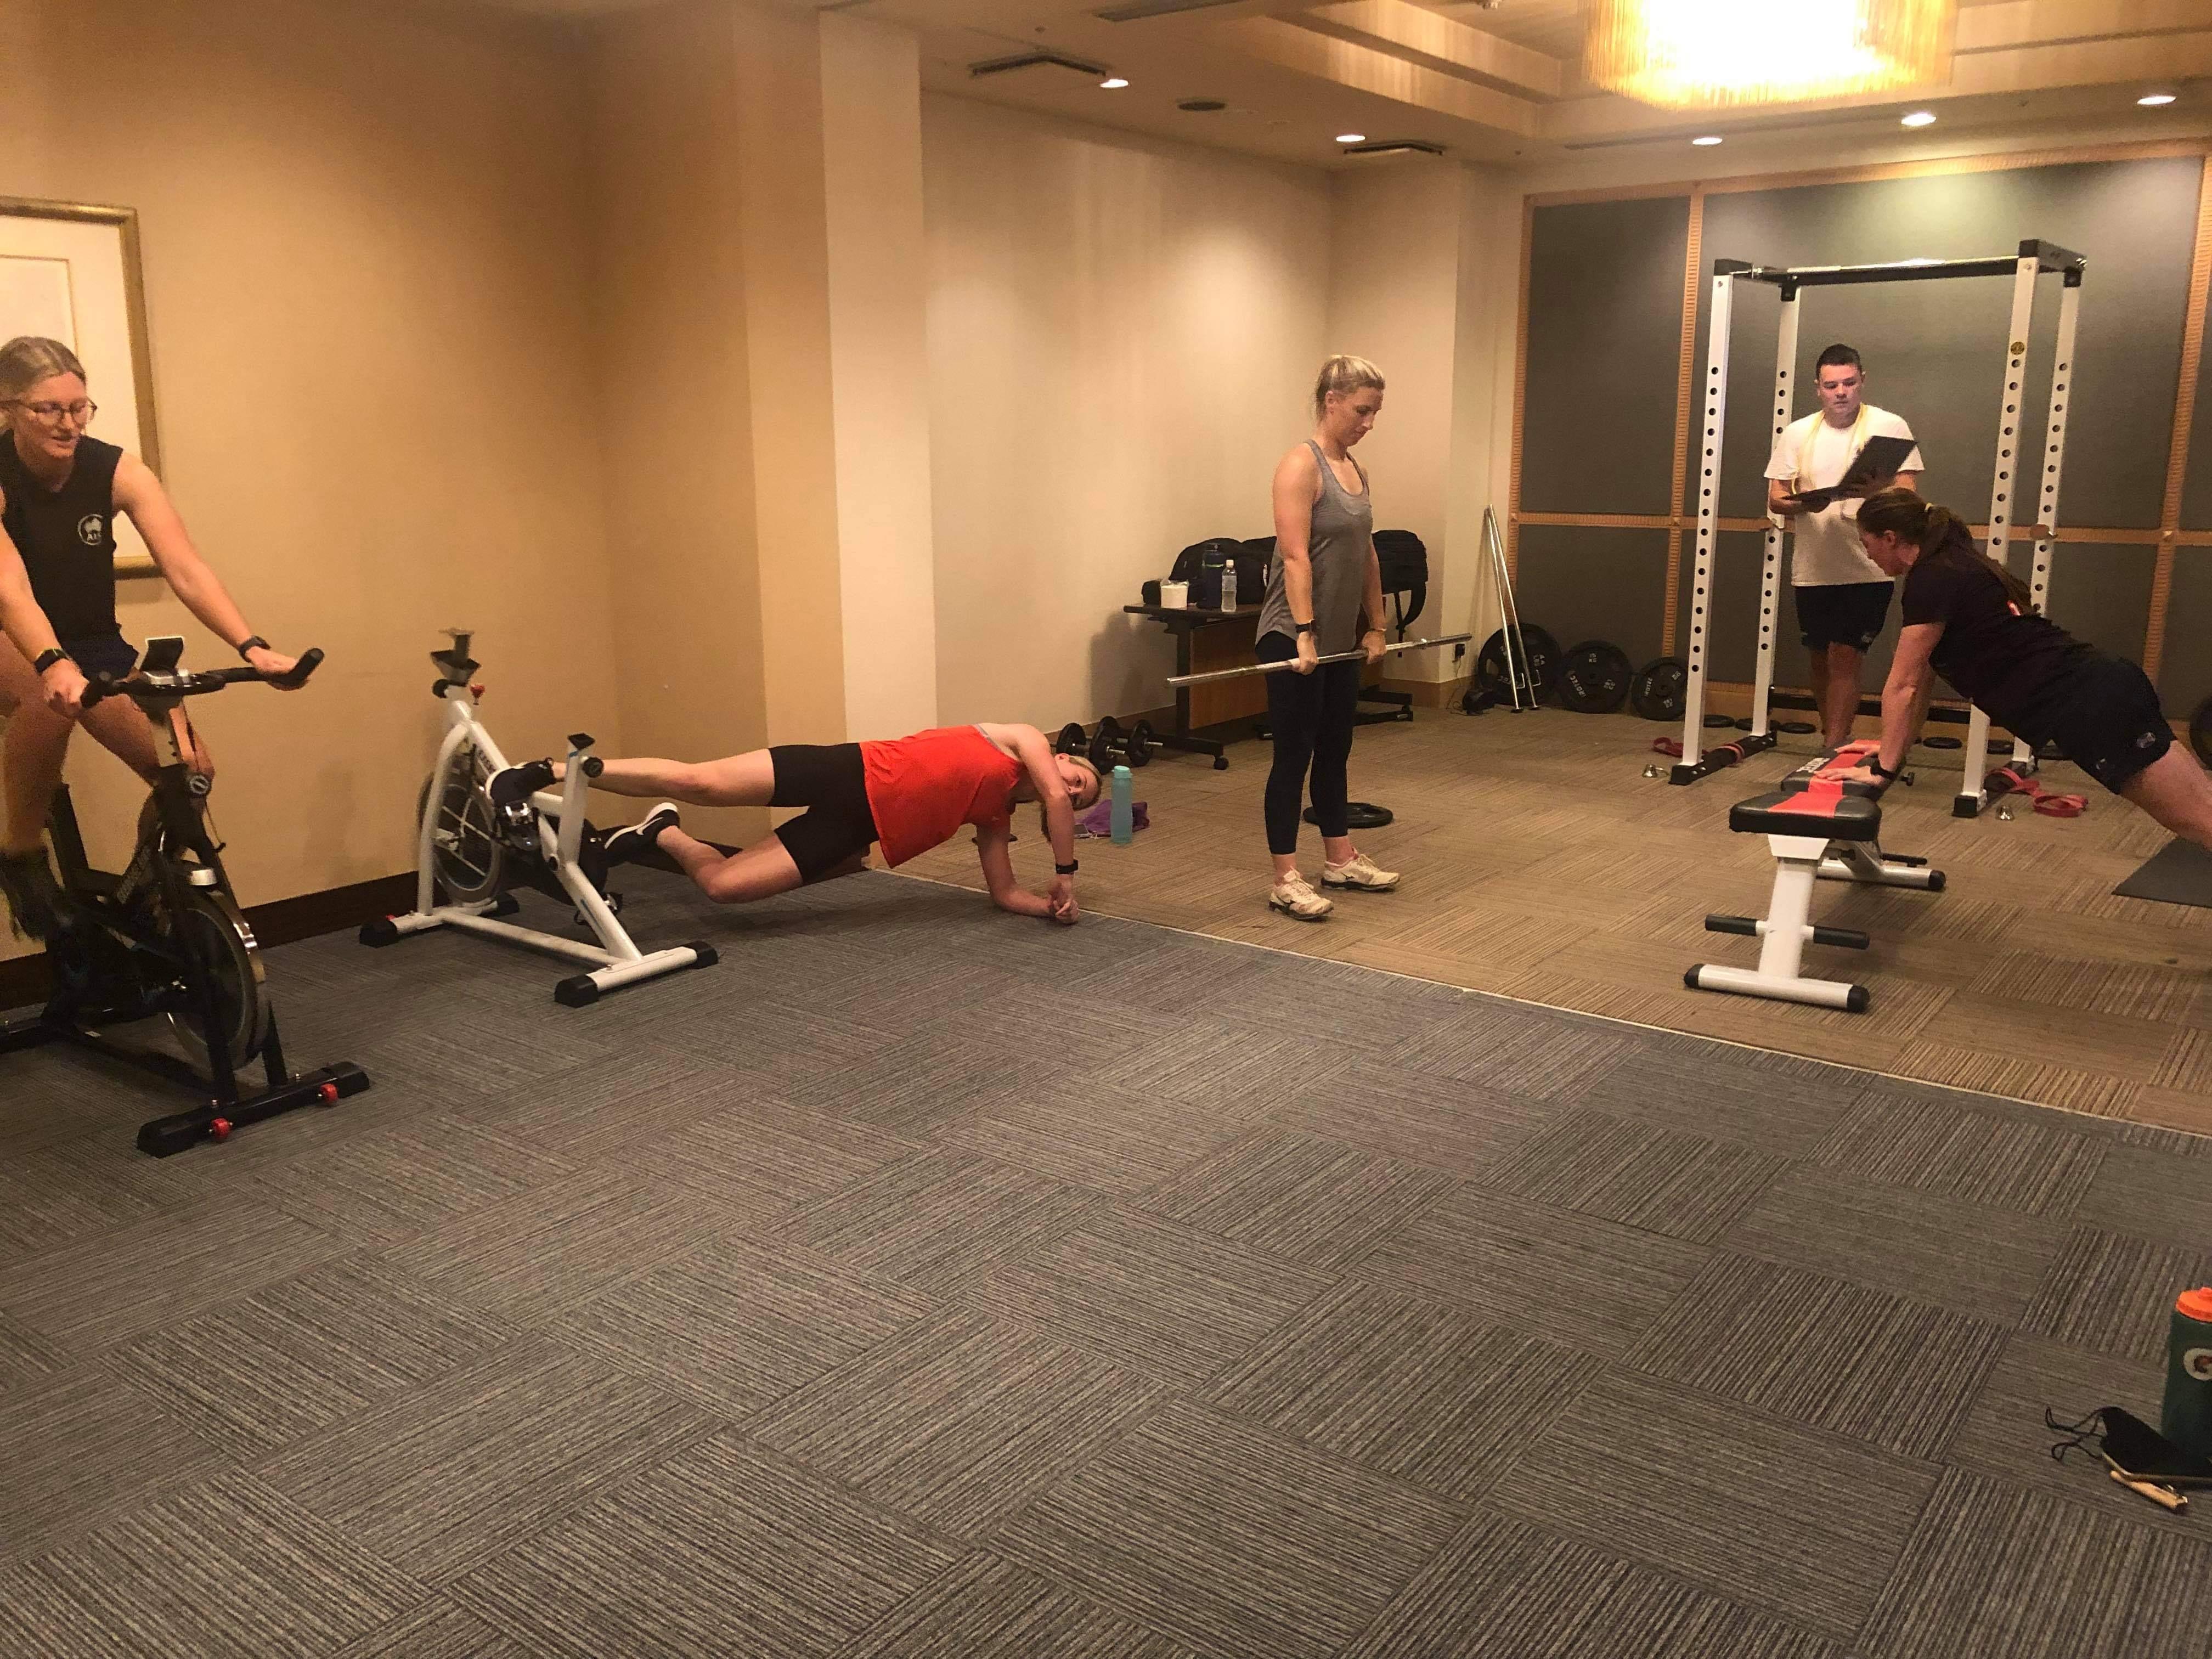 The makeshift gym in the Australian softball team's hotel in Ota, Japan.